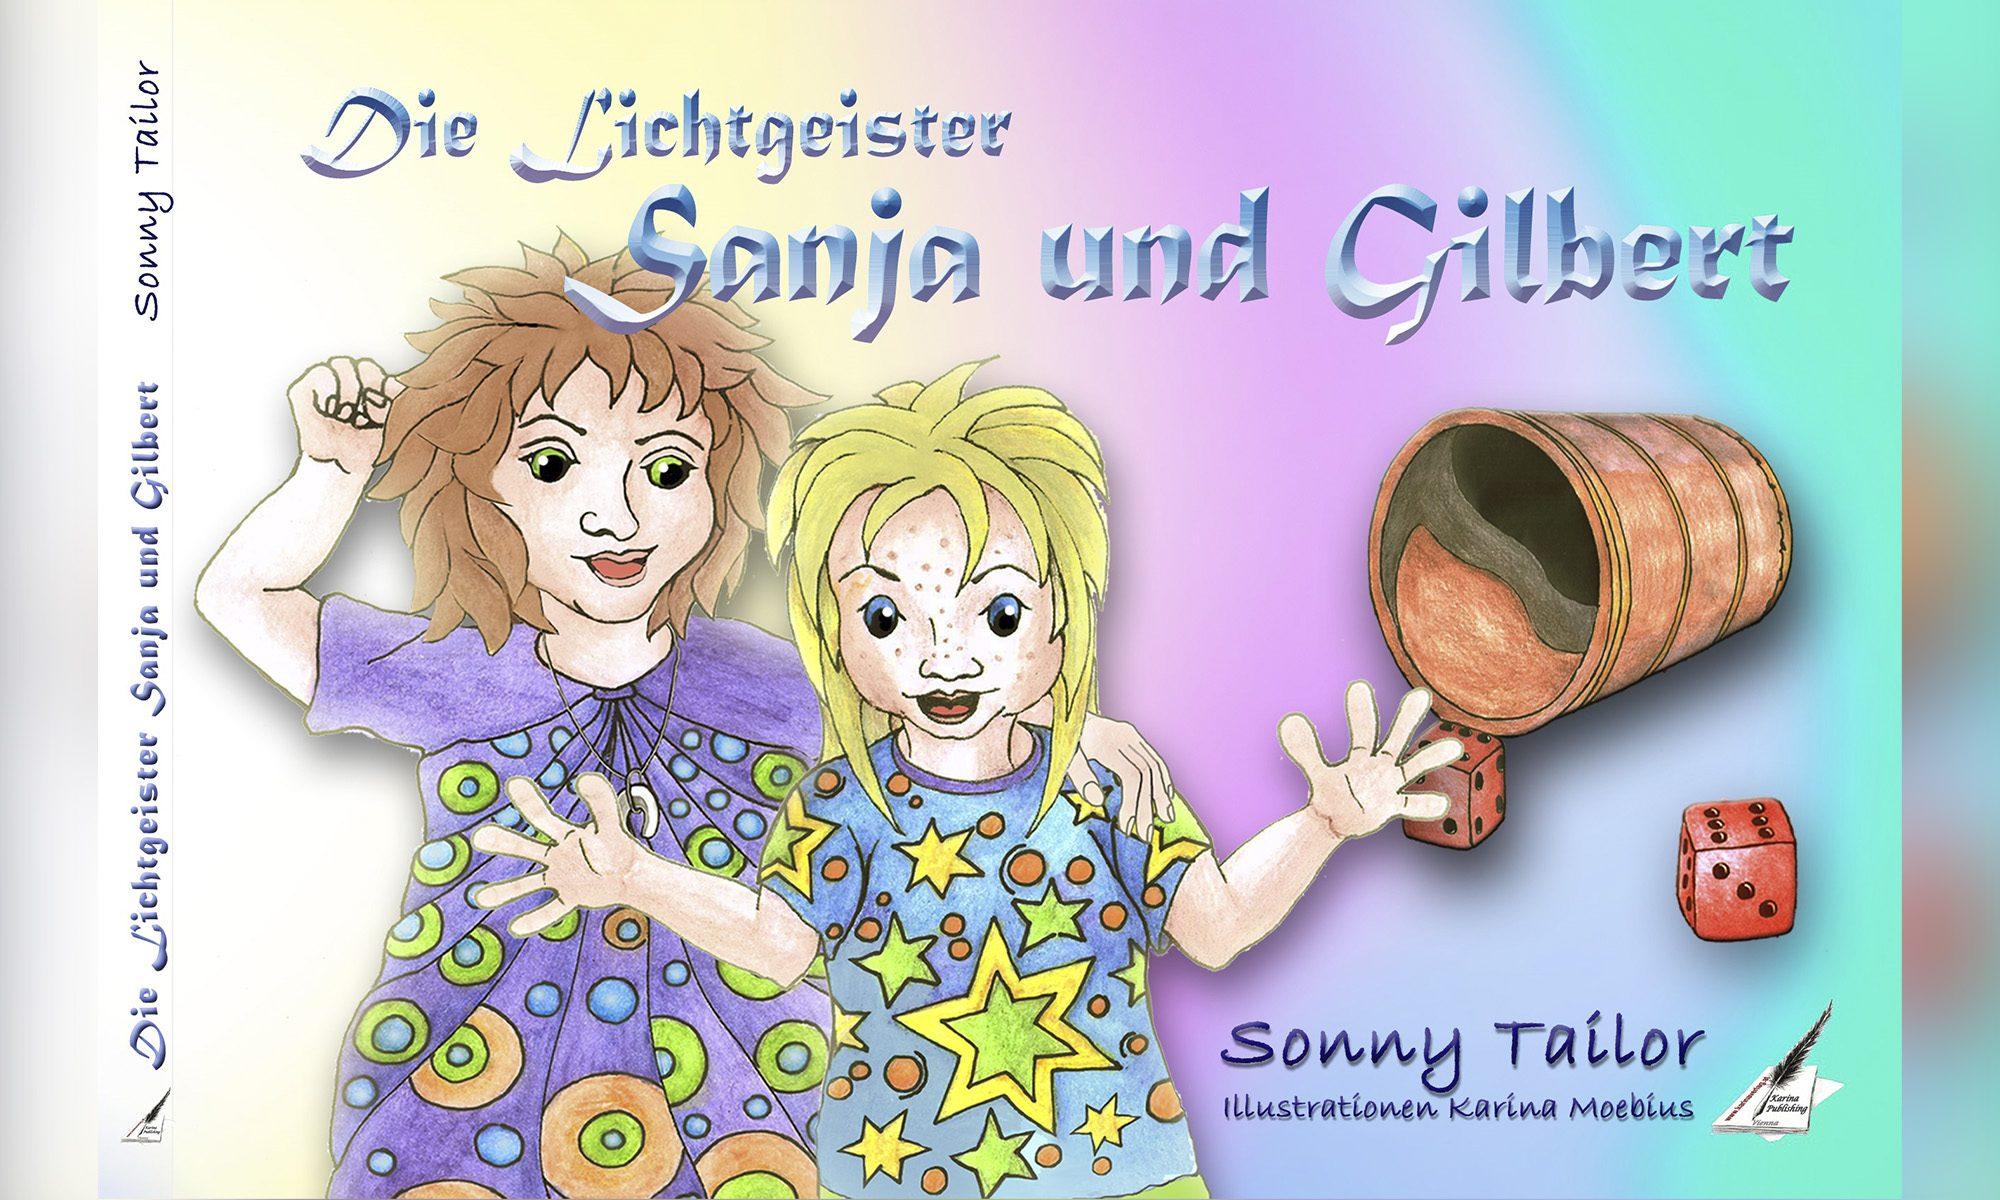 Sonny Tailor Kinderbuchautorin